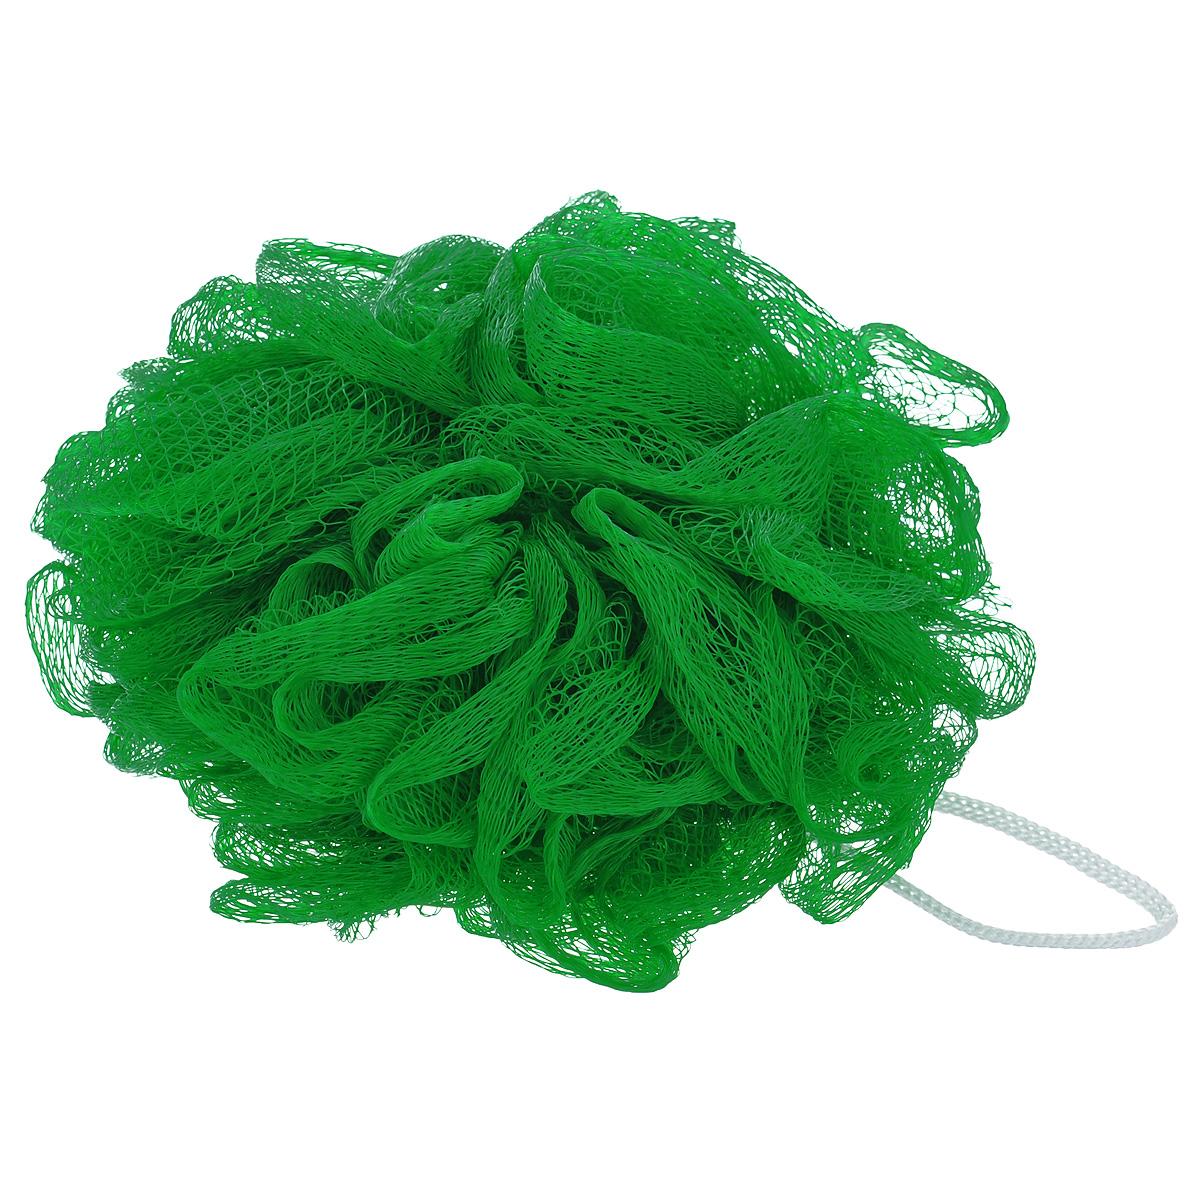 Мочалка массажная Eva Бантик, средней жесткости, цвет: зеленый, диаметр 12 см5010777139655Мочалка Eva Бантик, выполненная из нейлона, станет незаменимым аксессуаром в ванной комнате. Благодаря своему составу она отлично пенится. Мочалка оказывает эффект массажа, тонизирует и очищает кожу. На мочалке имеется удобная петелька для подвешивания.Подходит для всех типов кожи и не вызывает аллергию.Диаметр: 12 см.